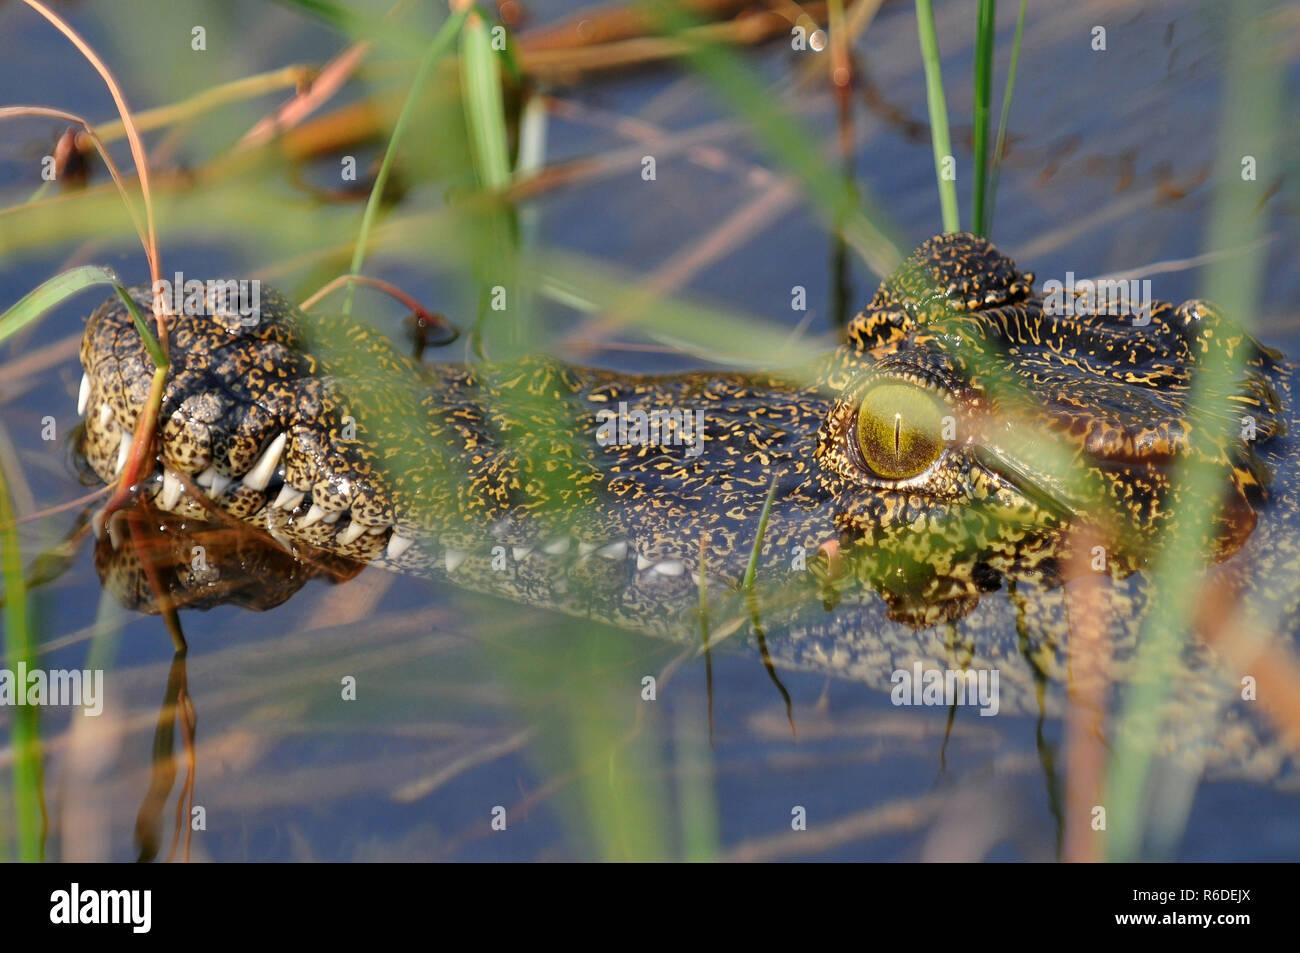 Africa, Botswana Crocodile In Okavango River - Stock Image